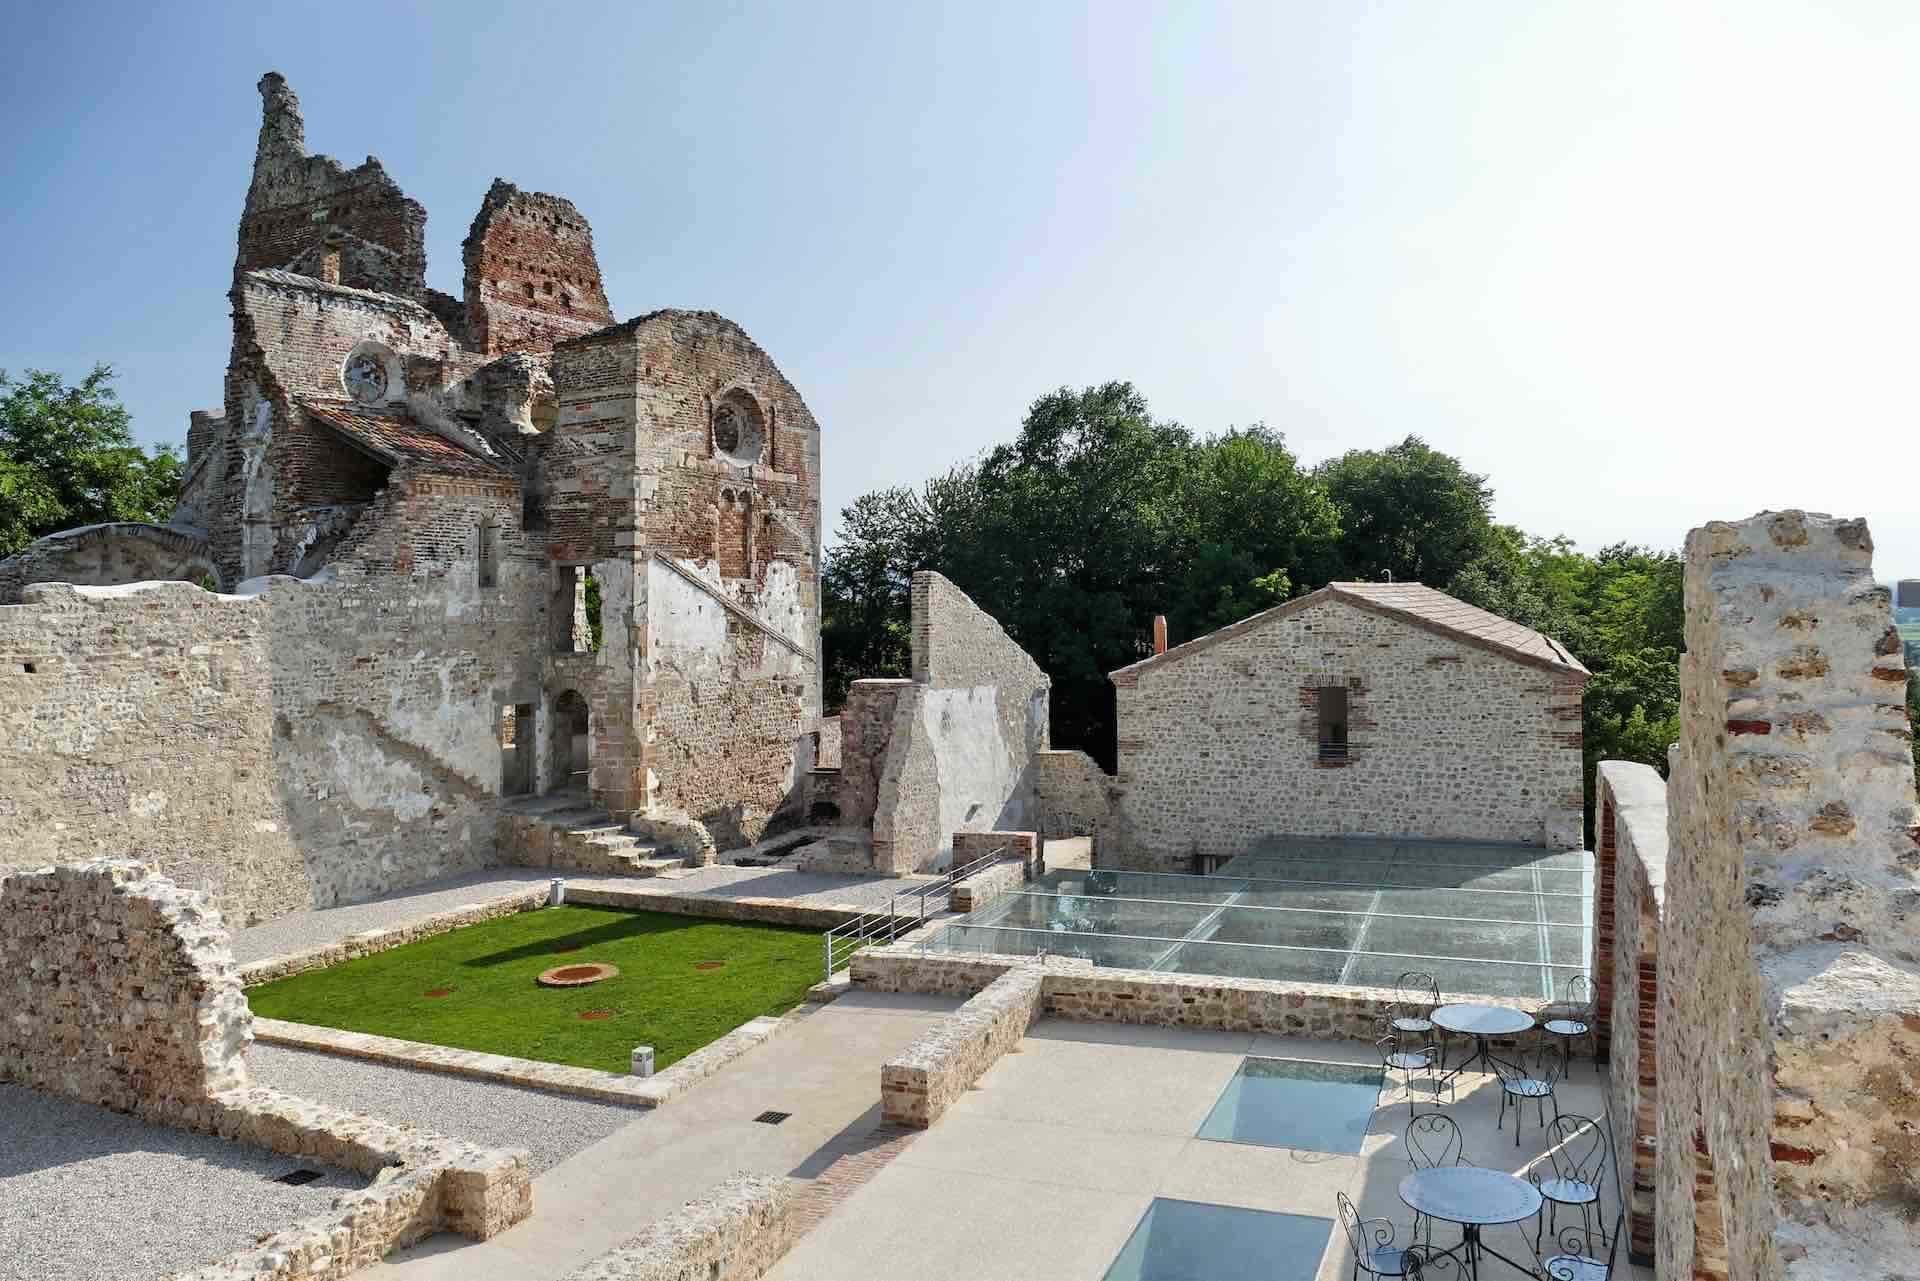 abbazia di Sant'Eustachio - monastero benedettino da visitare durante la tua vacanza culturale in Treviso